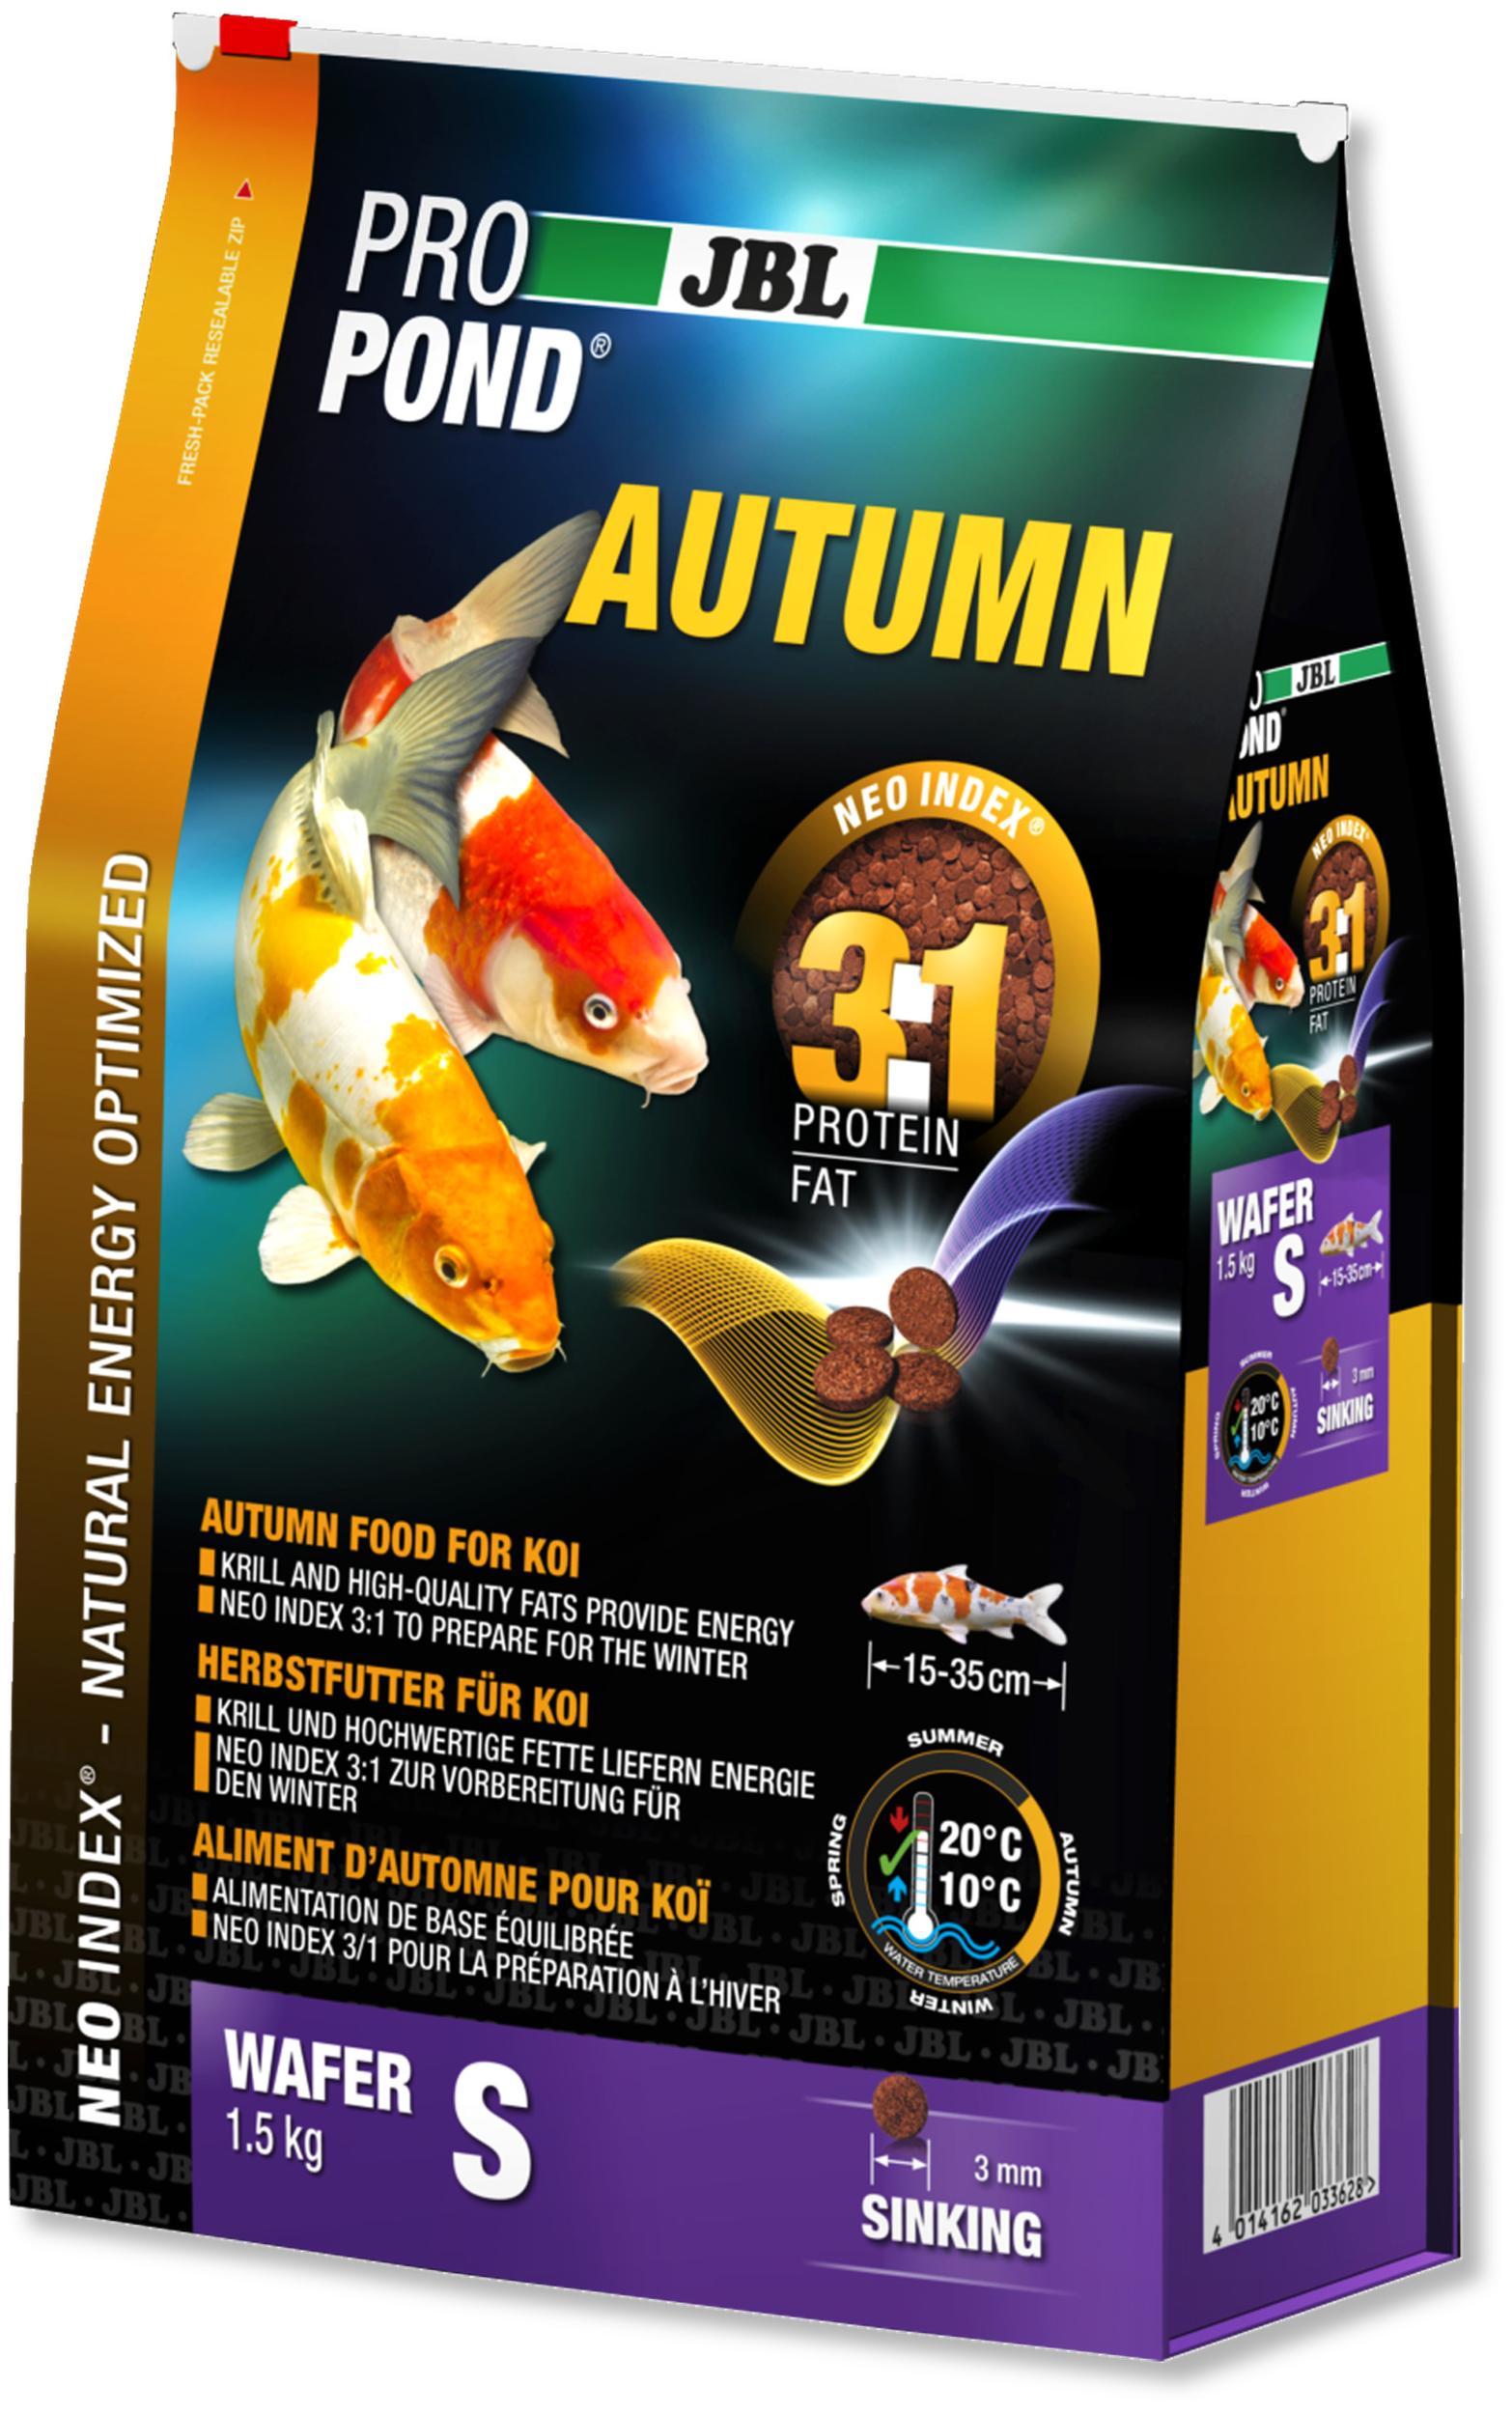 JBL ProPond Autumn S 1,5 Kg nourriture granulés d\'automne pour Koïs de 15 à 35 cm